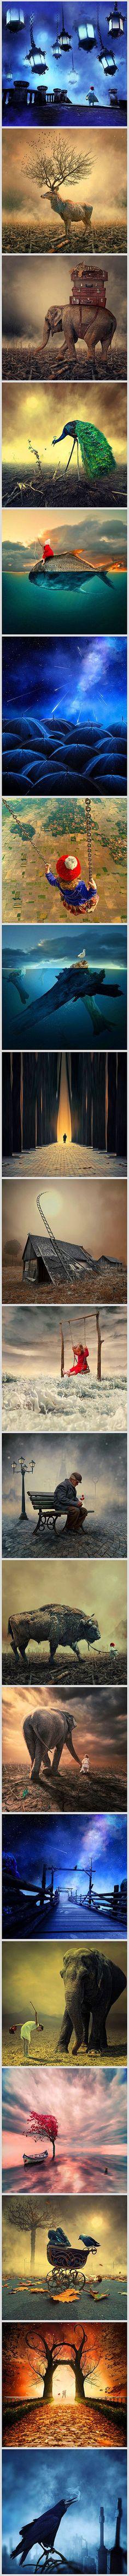 Fotos incríveis